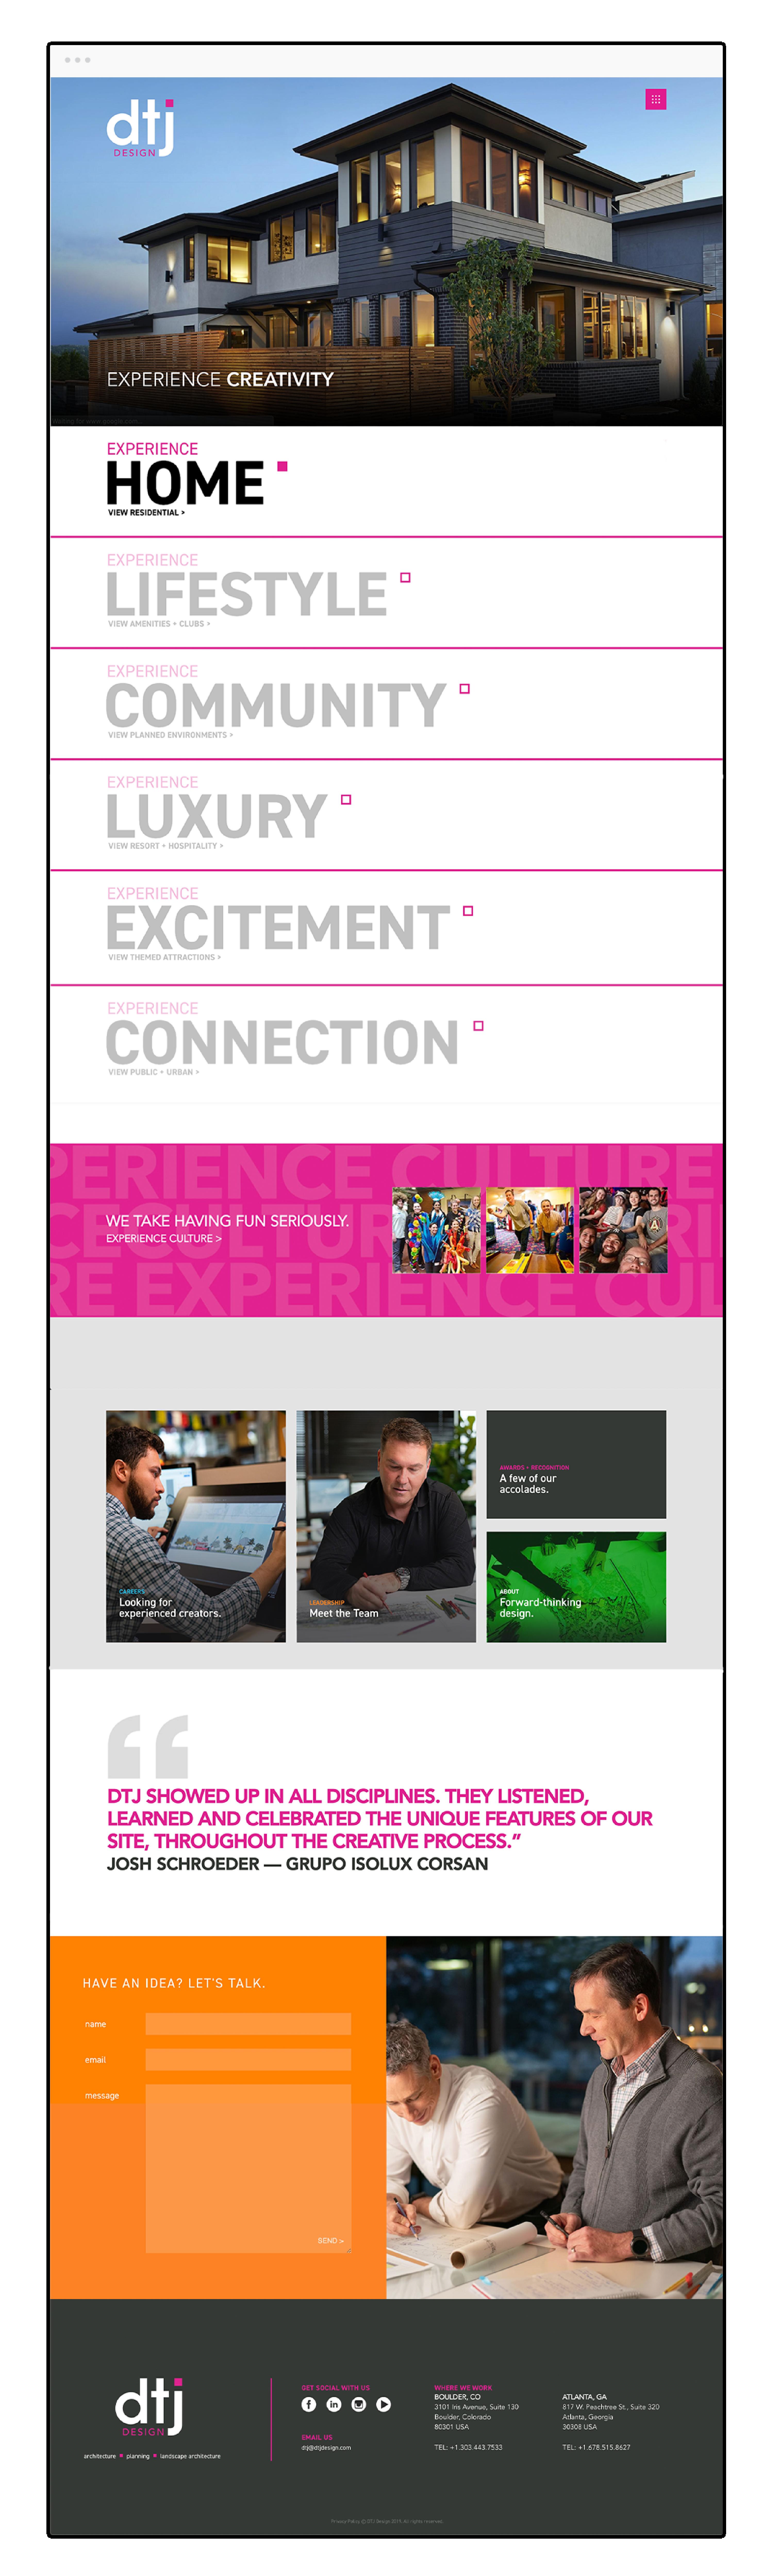 mobile website design project mockup